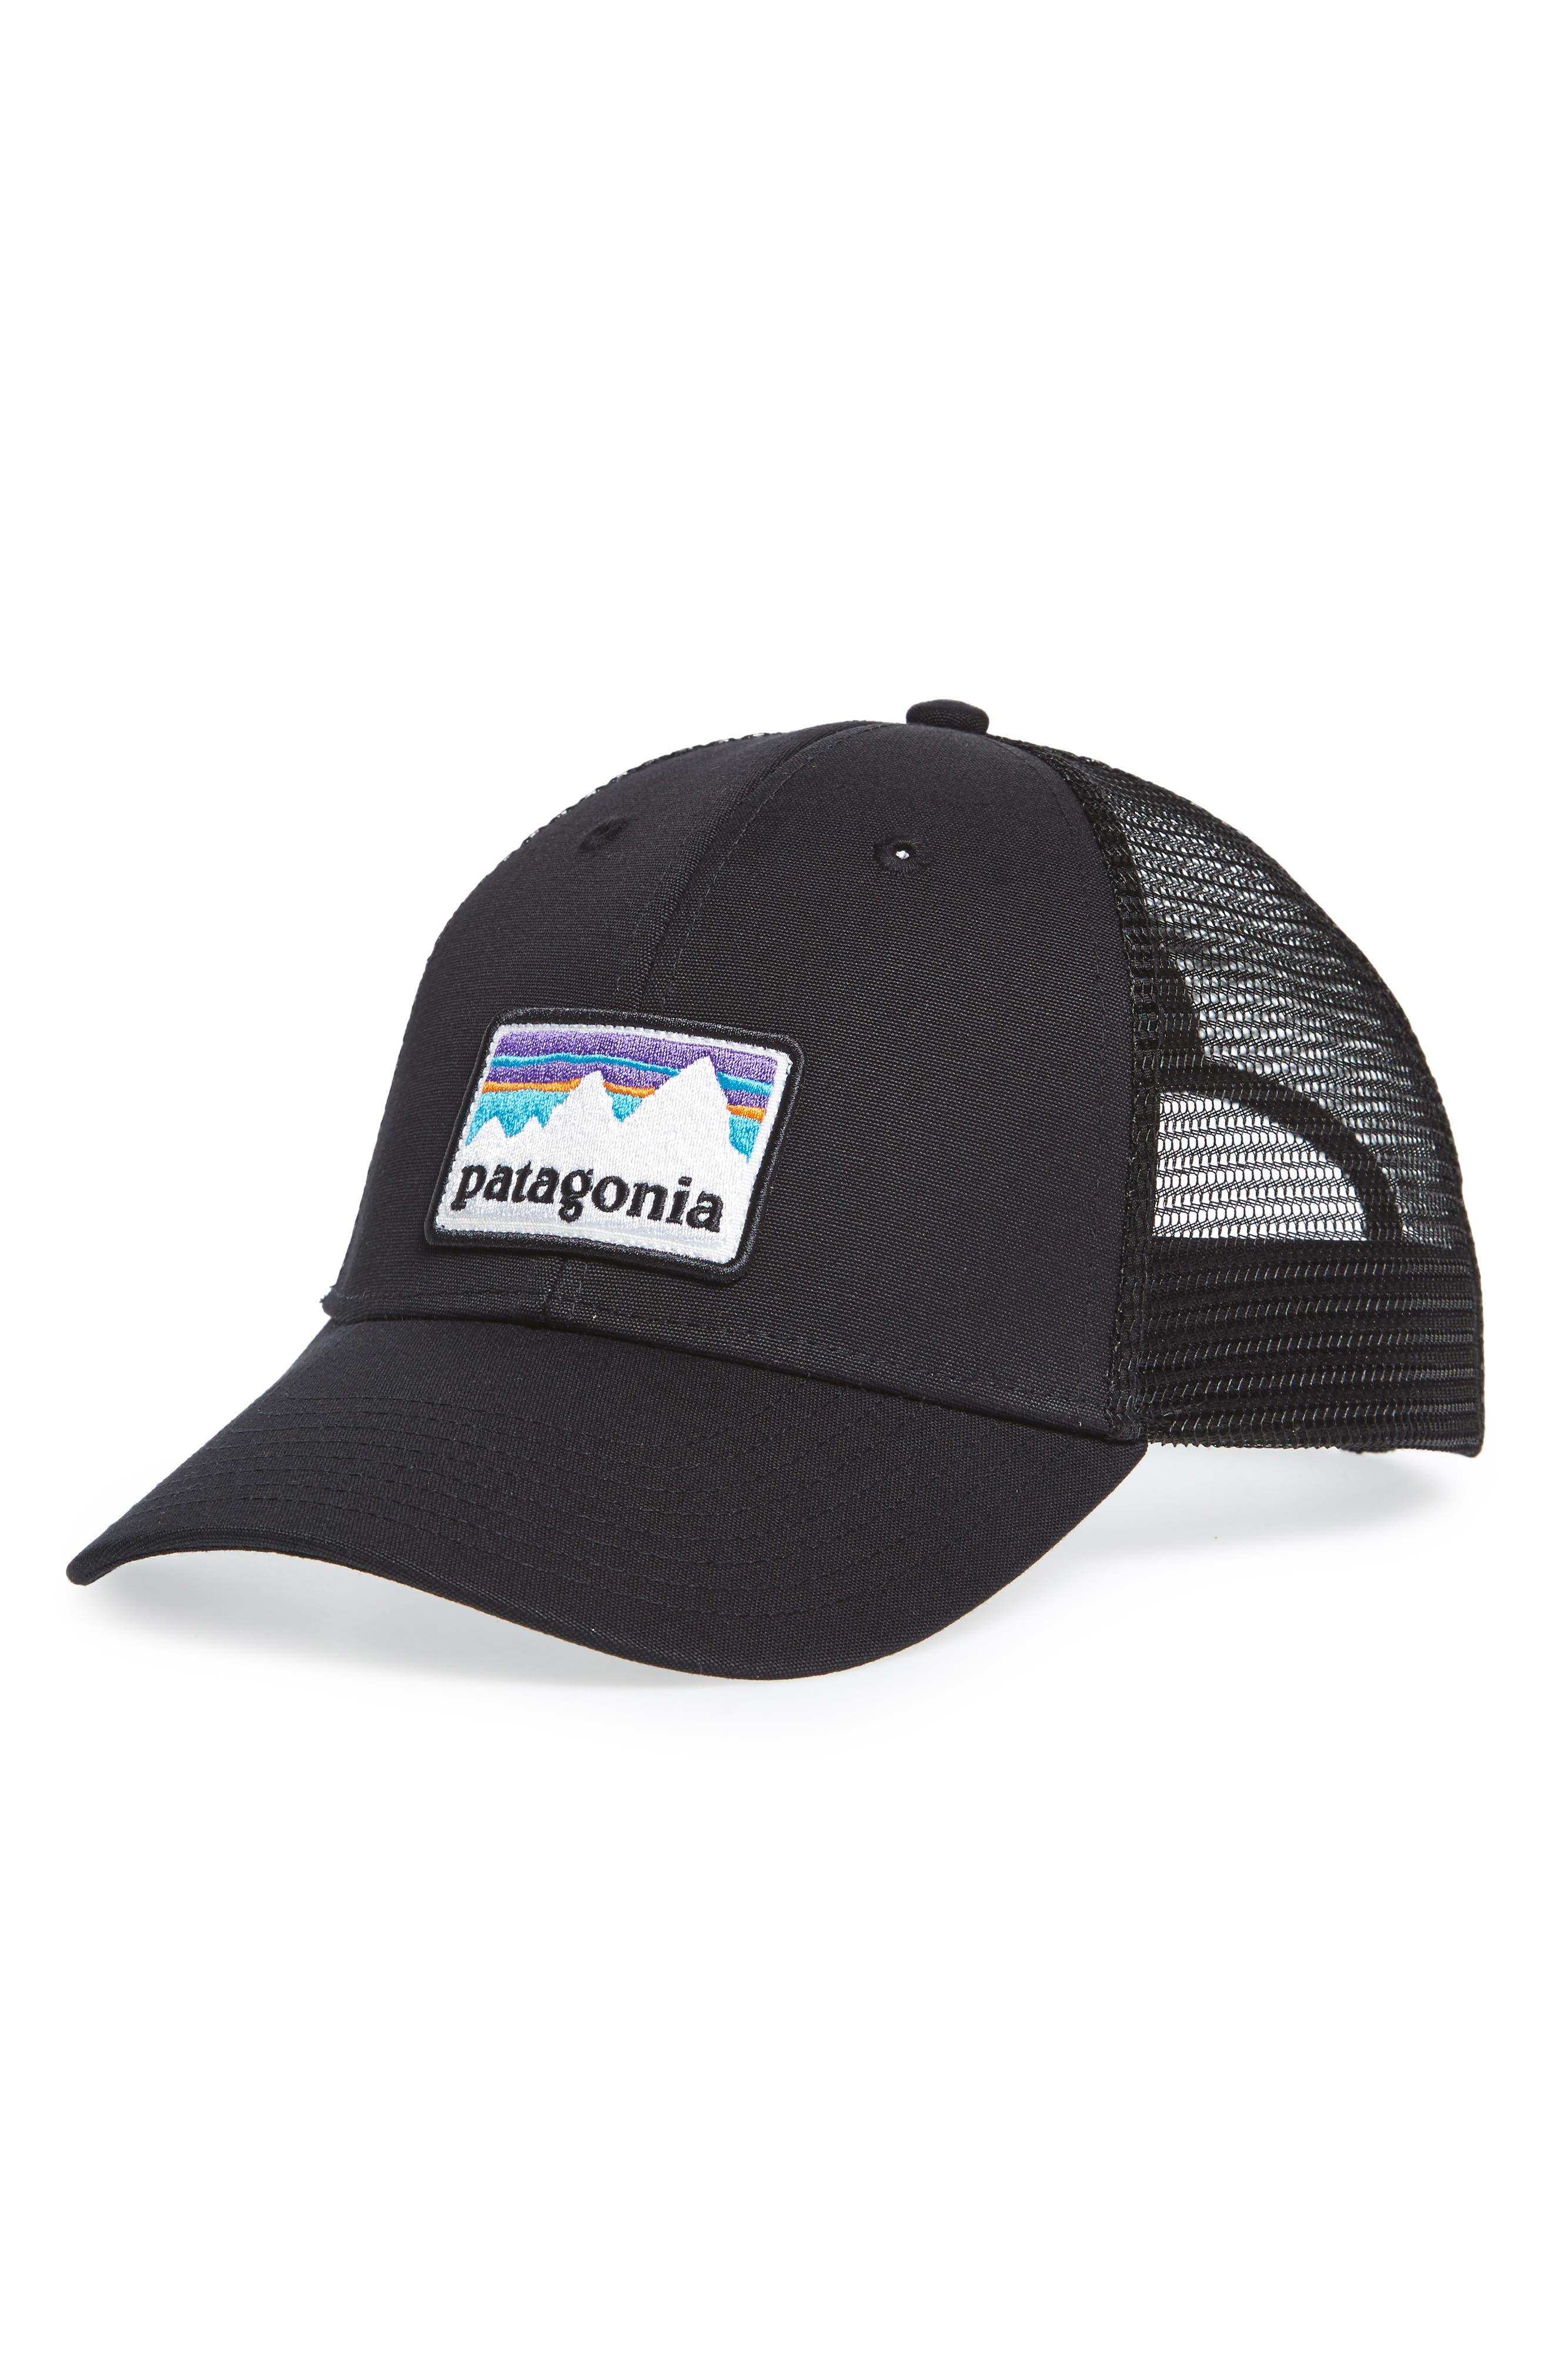 Patagonia Shop Sticker Trucker Hat